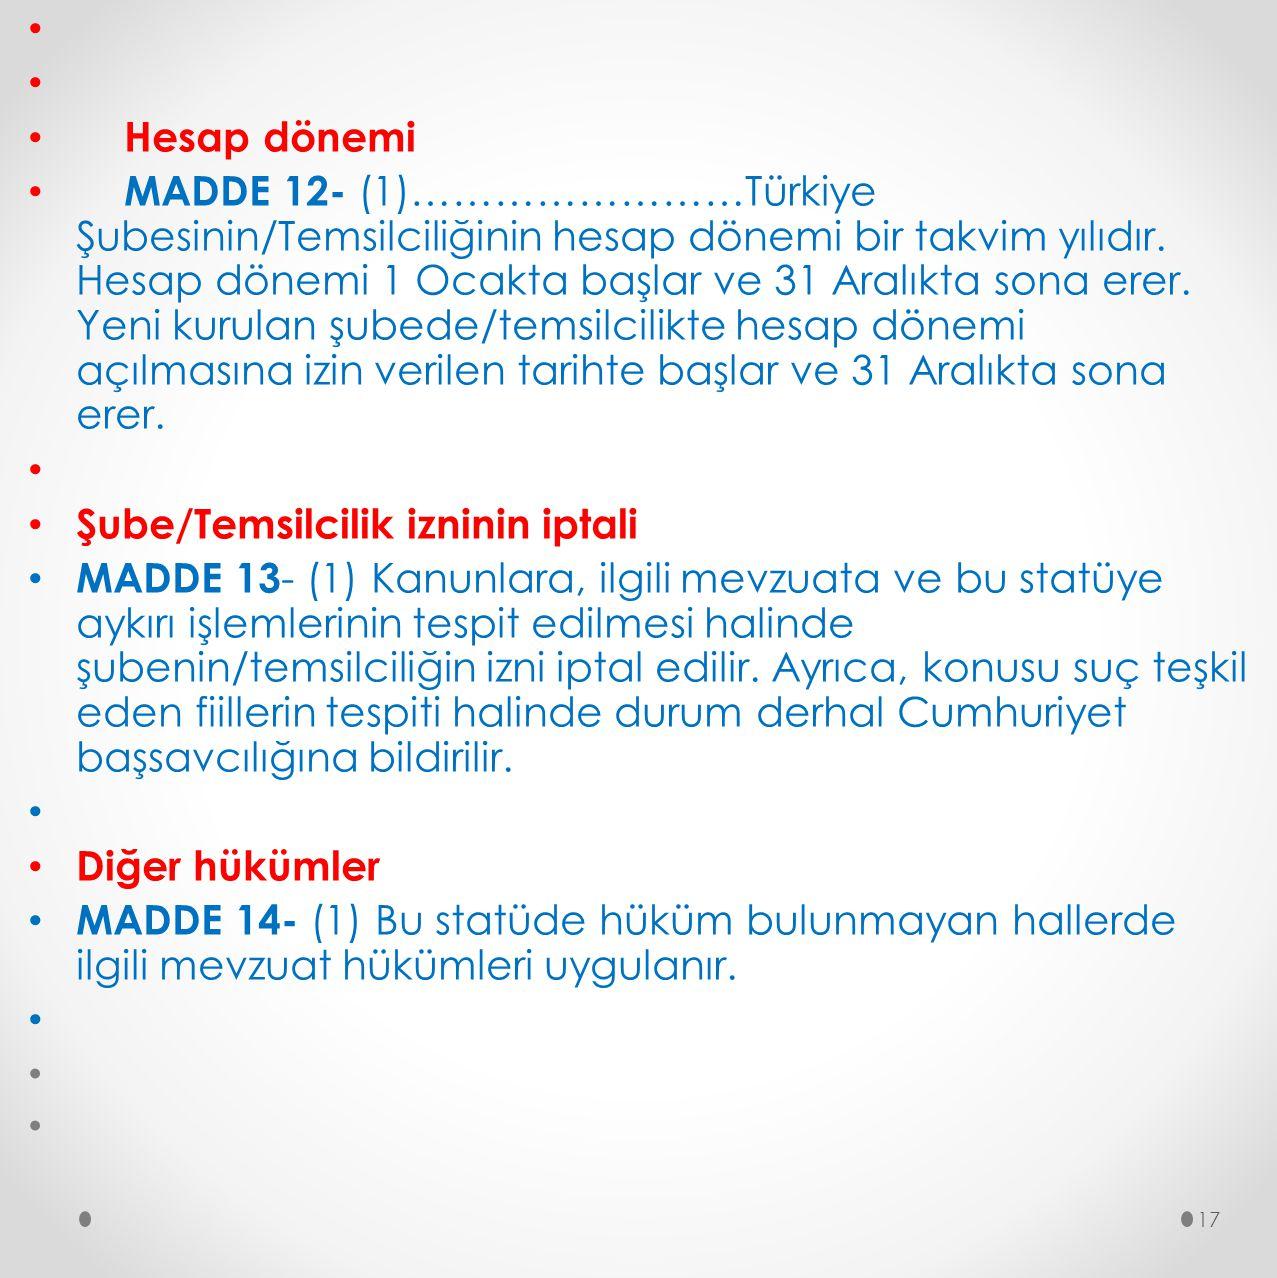 Hesap dönemi MADDE 12- (1)……………………Türkiye Şubesinin/Temsilciliğinin hesap dönemi bir takvim yılıdır. Hesap dönemi 1 Ocakta başlar ve 31 Aralıkta sona